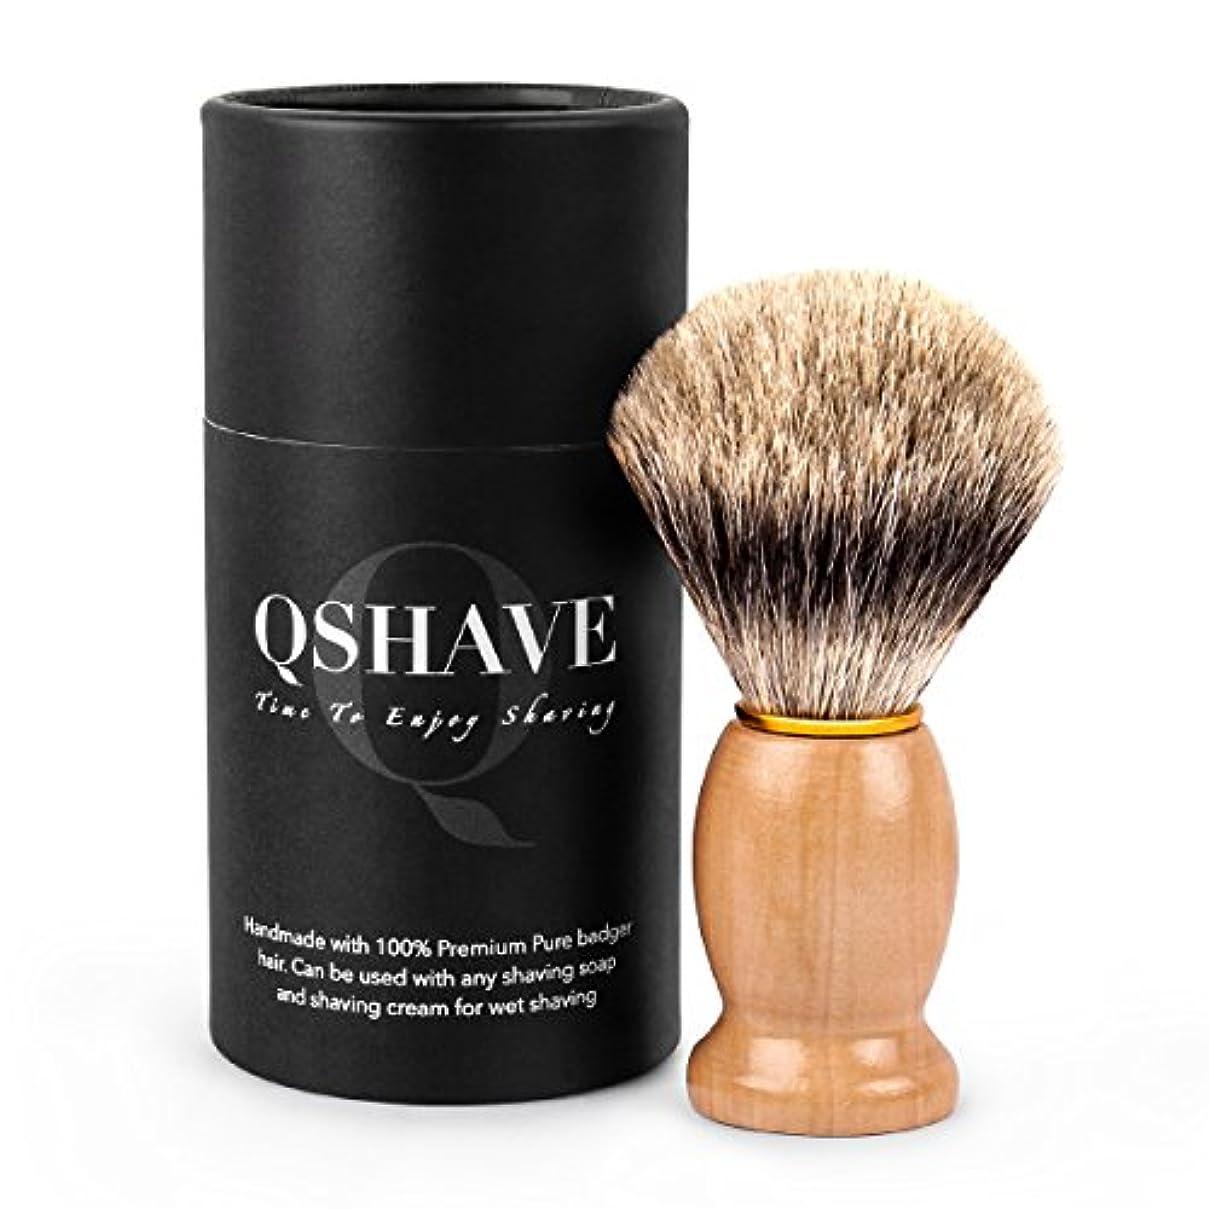 不公平辞書討論QSHAVE 100%最高級アナグマ毛オリジナルハンドメイドシェービングブラシ。木製ベース。ウェットシェービング、安全カミソリ、両刃カミソリに最適